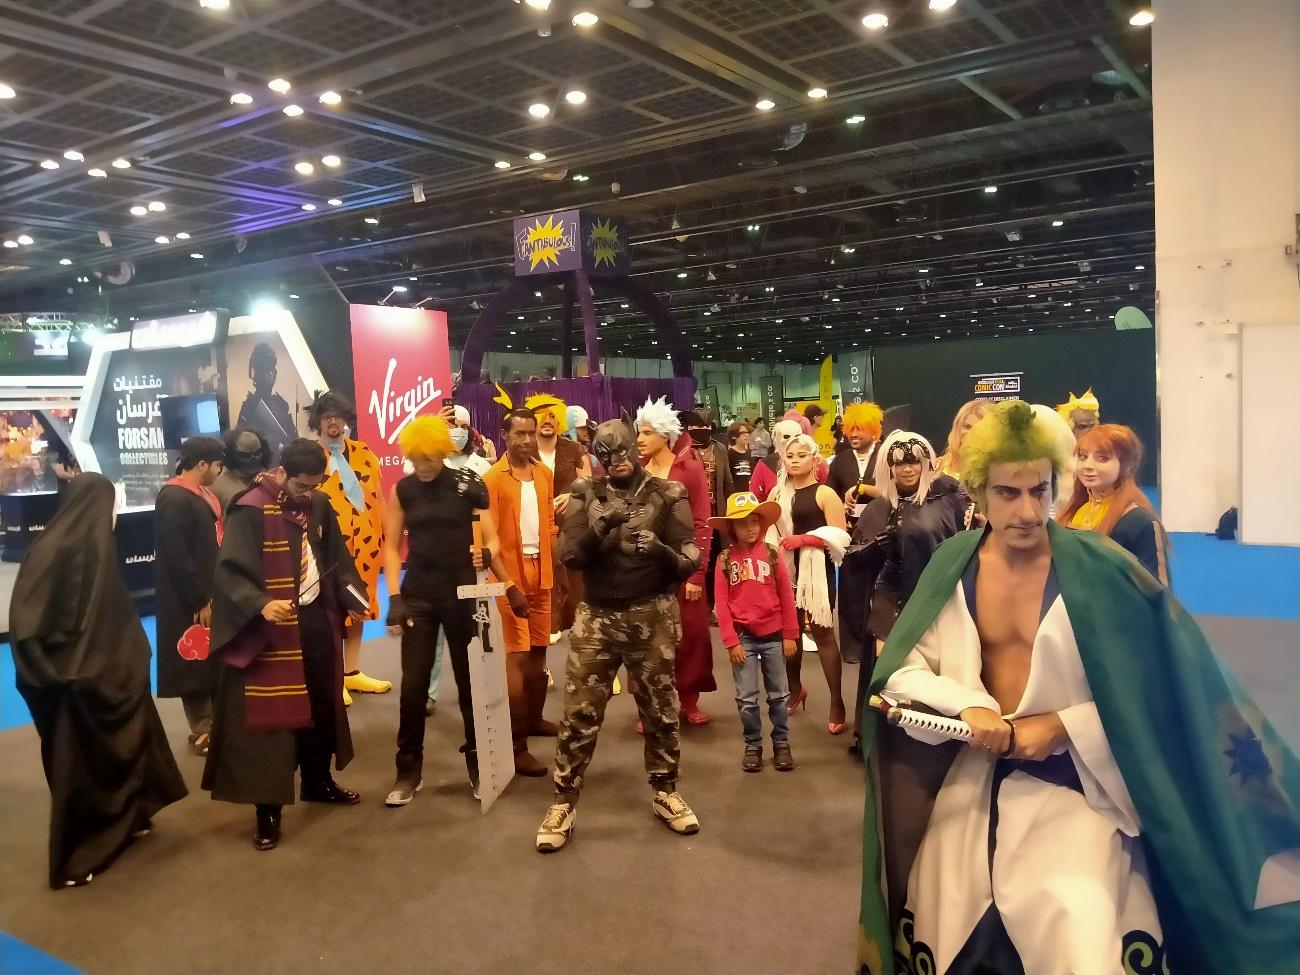 中東版コミコン潜入!日本のアニメが中東で圧倒的?!